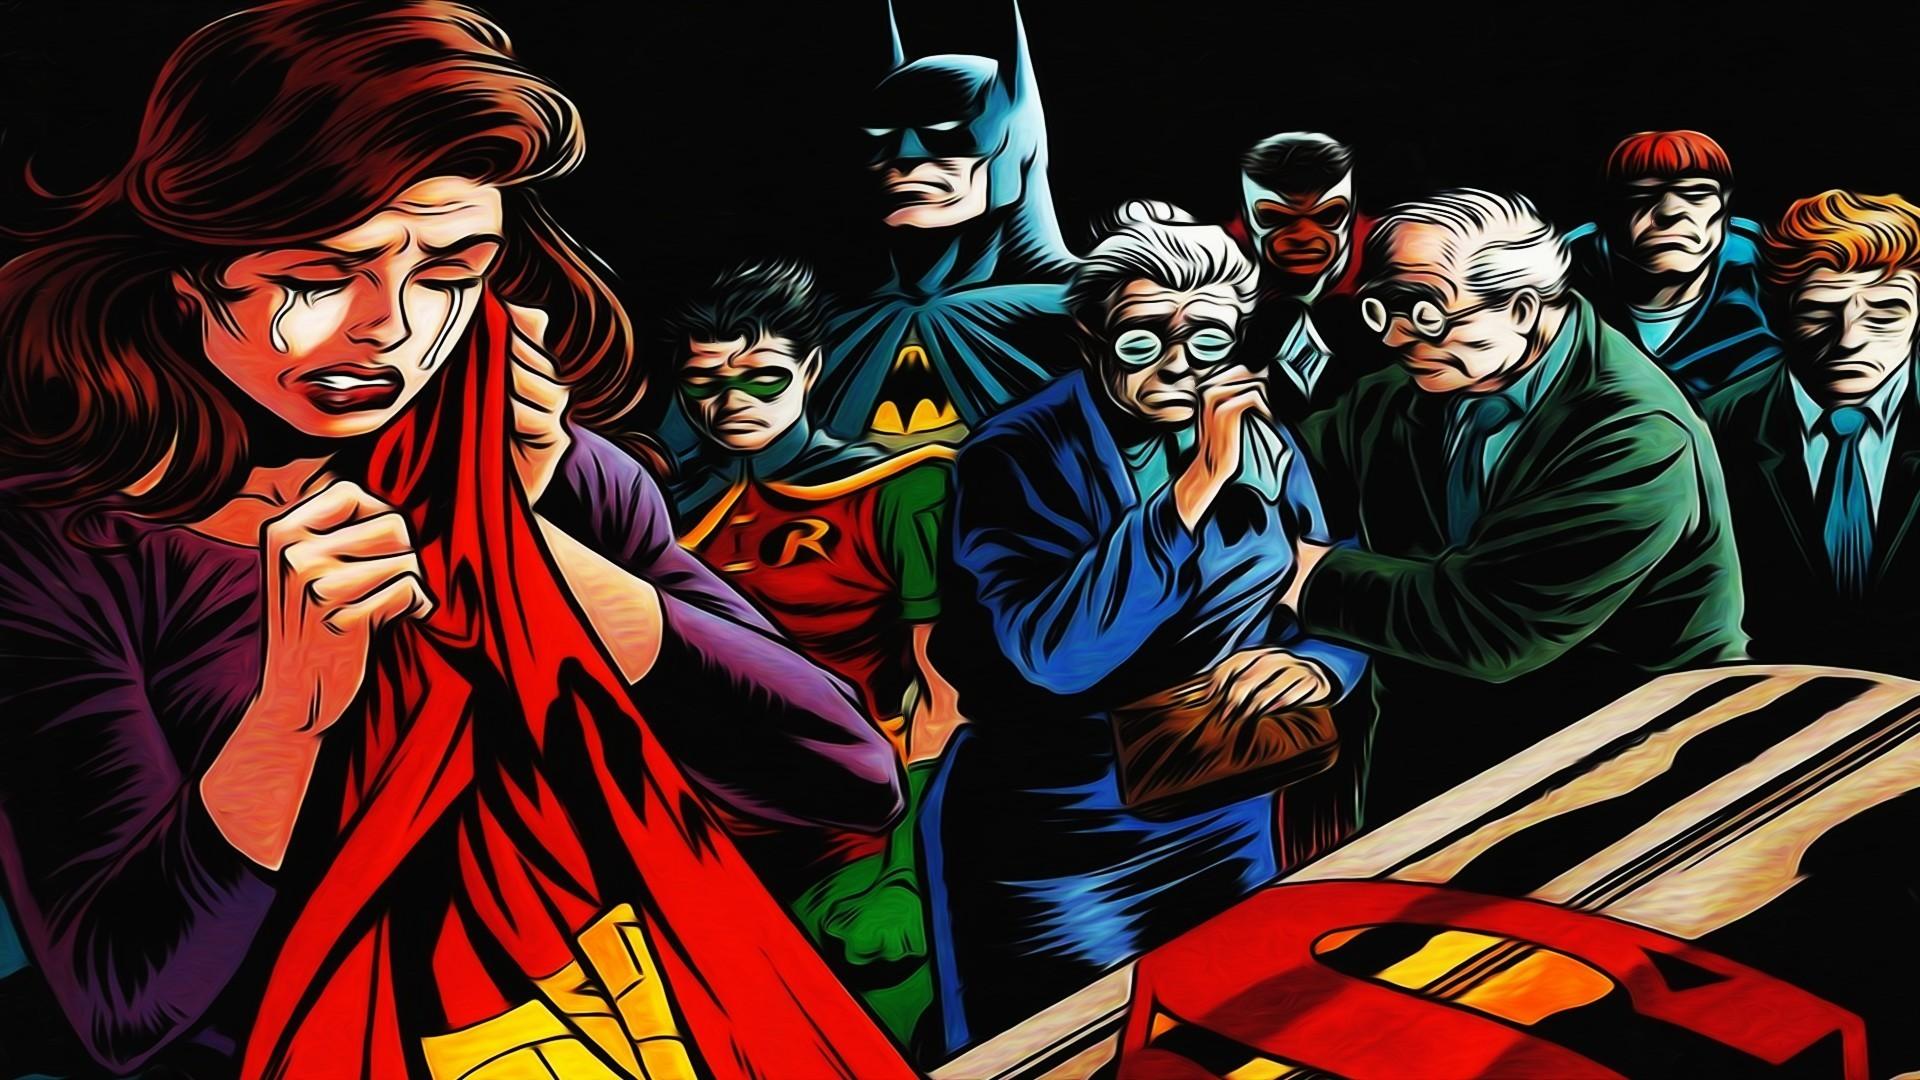 Res: 1920x1080, Cartoons batman dc comics superman wallpaper